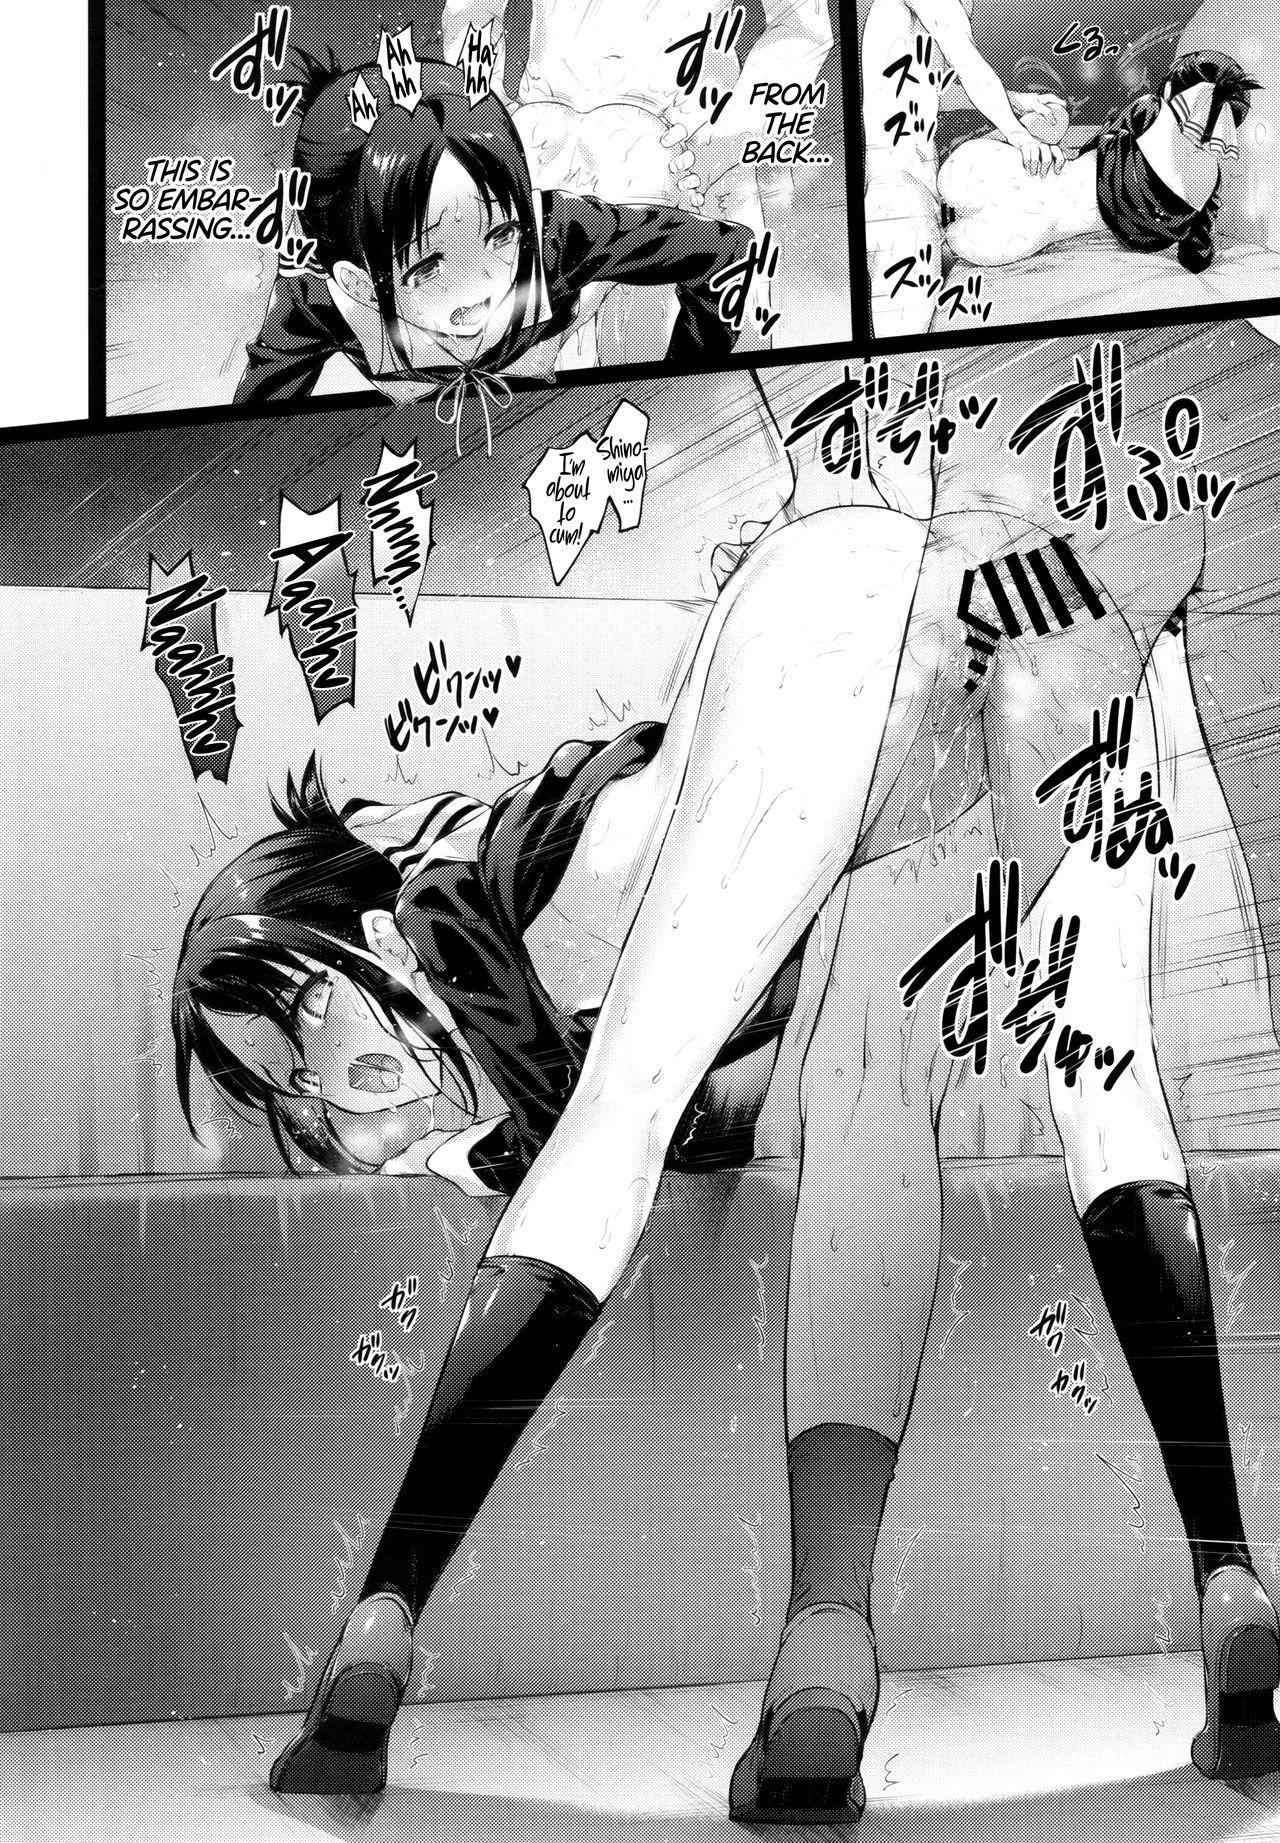 [Neko wa Manma ga Utsukushii (Hisasi)] Kaguya-sama no Enmusubi   Kaguya-sama's Matchmaking Charm (Kaguya-sama wa Kokurasetai) [English] [Zaibatsu] 19